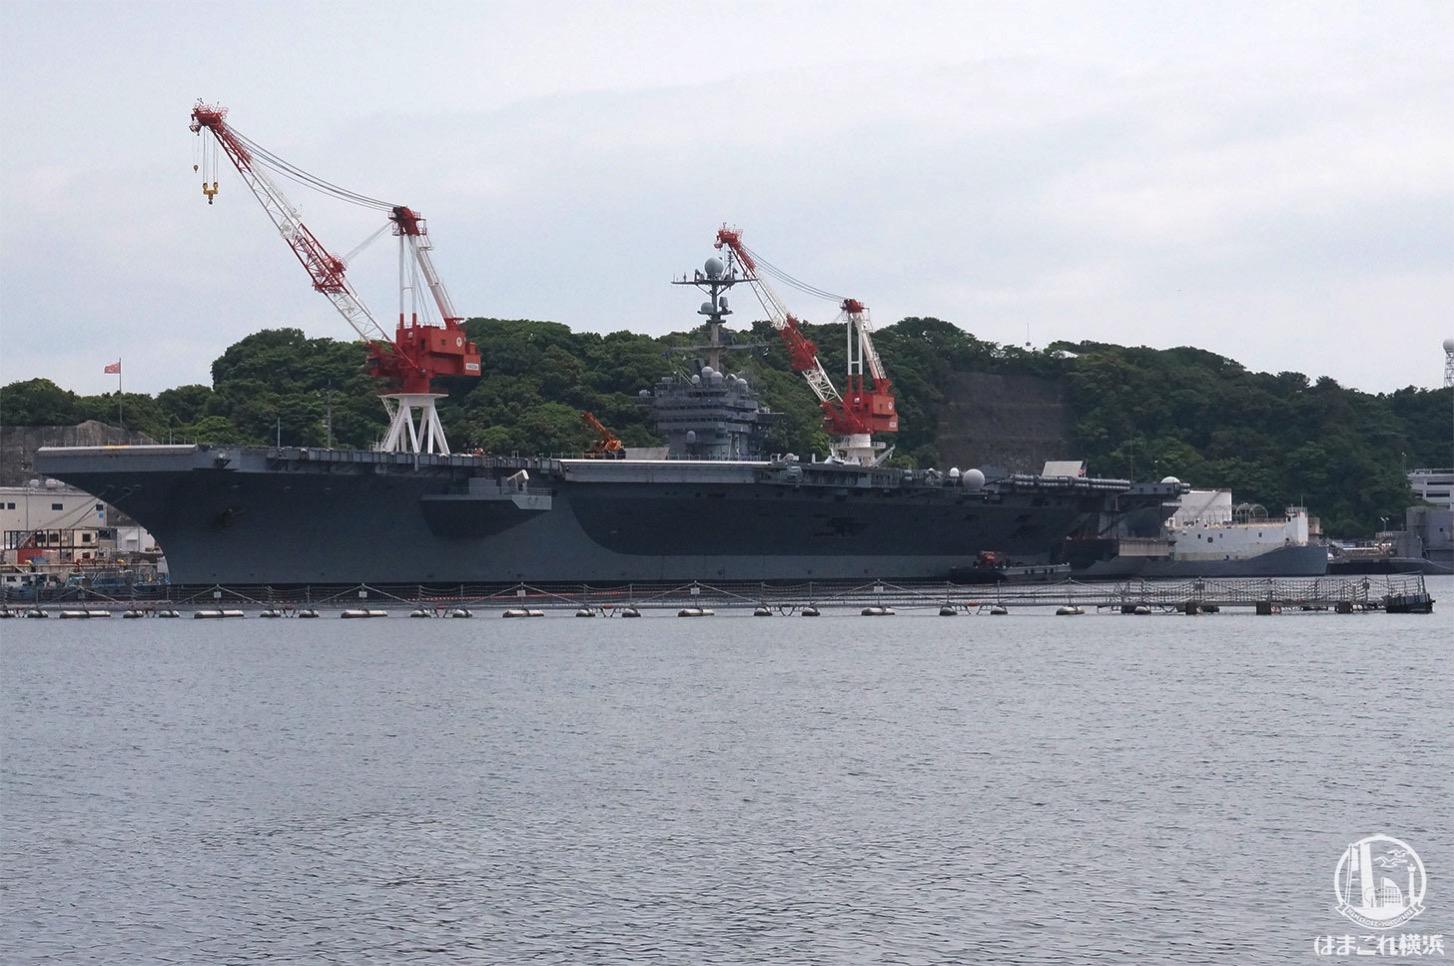 横須賀「軍港めぐり」ジョージワシントン空母